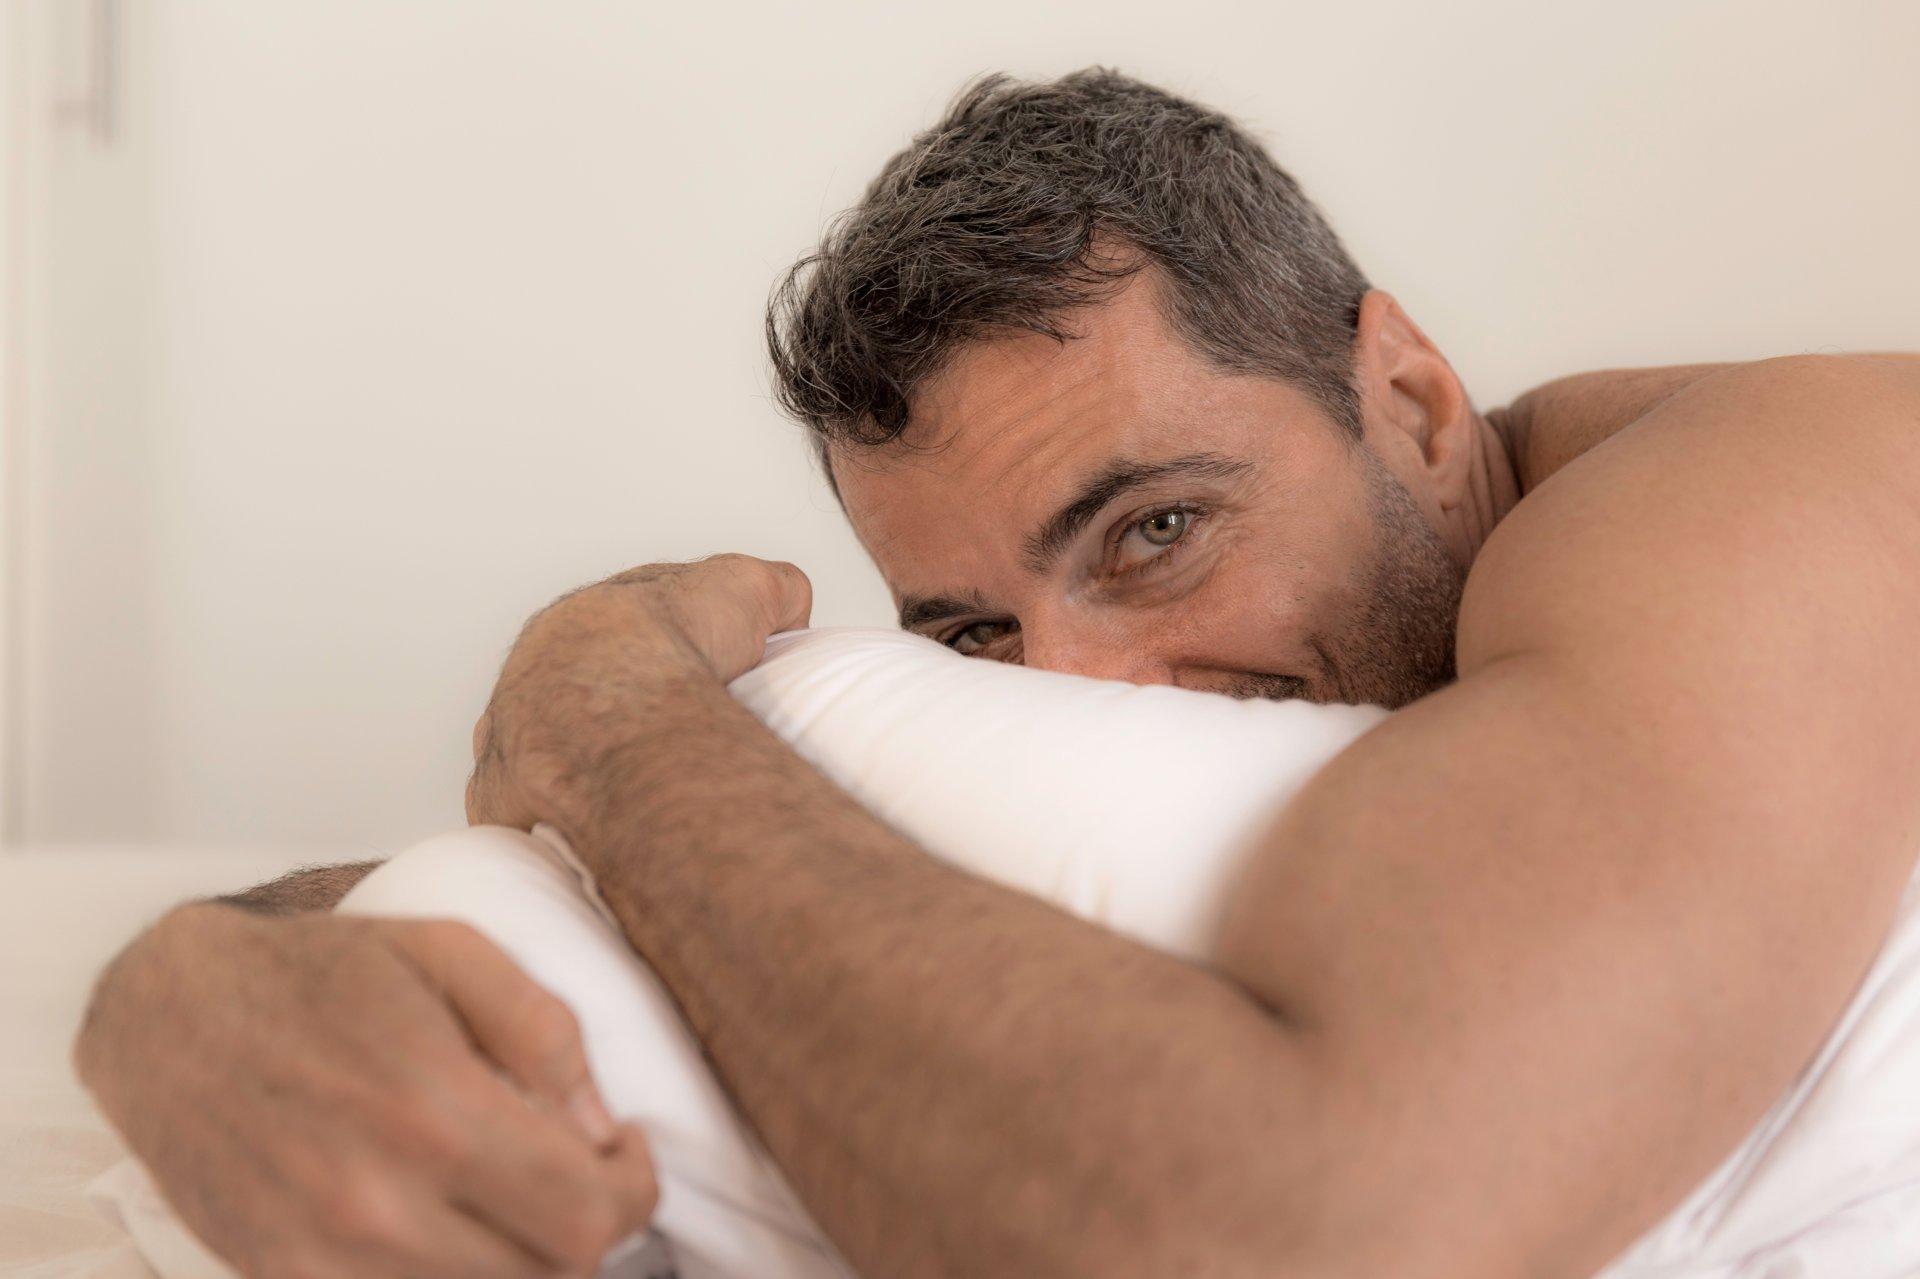 ką daryti jei varpa susisukusi turėti erekciją moteriai